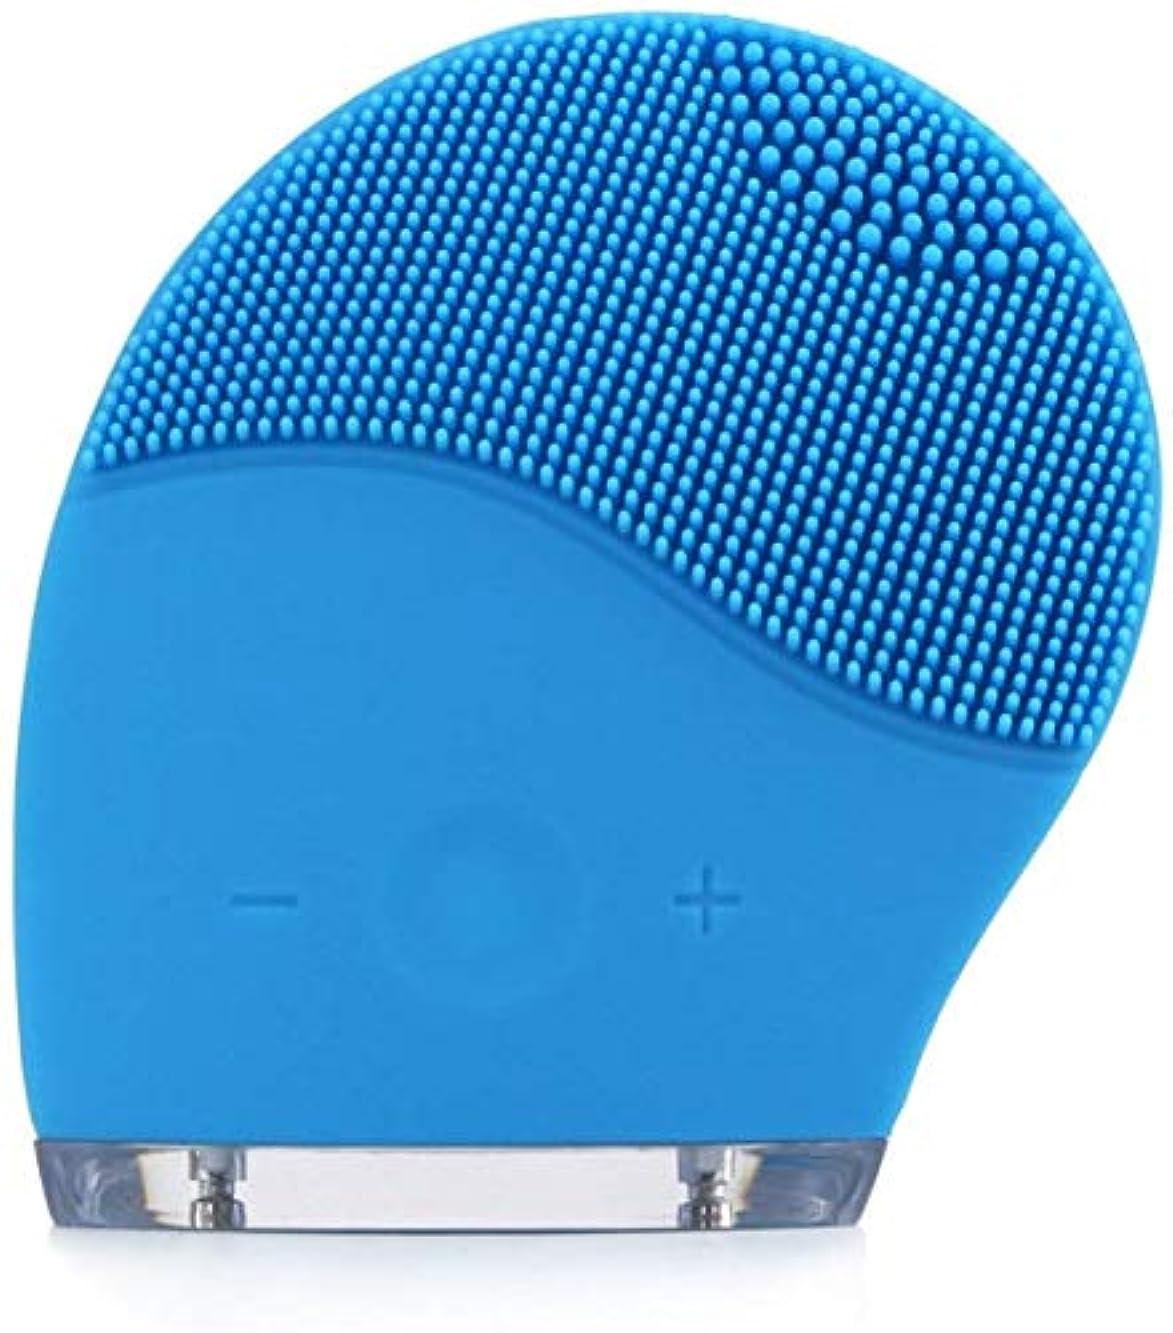 困難活性化時々時々洗顔ブラシ、ブラシ防水アンチエイジングスキンクレンザーフェイシャルポーランドやスクラブのためのディープエクスフォリエーターのメイクツールマッサージャー電気シリコーンフェイス